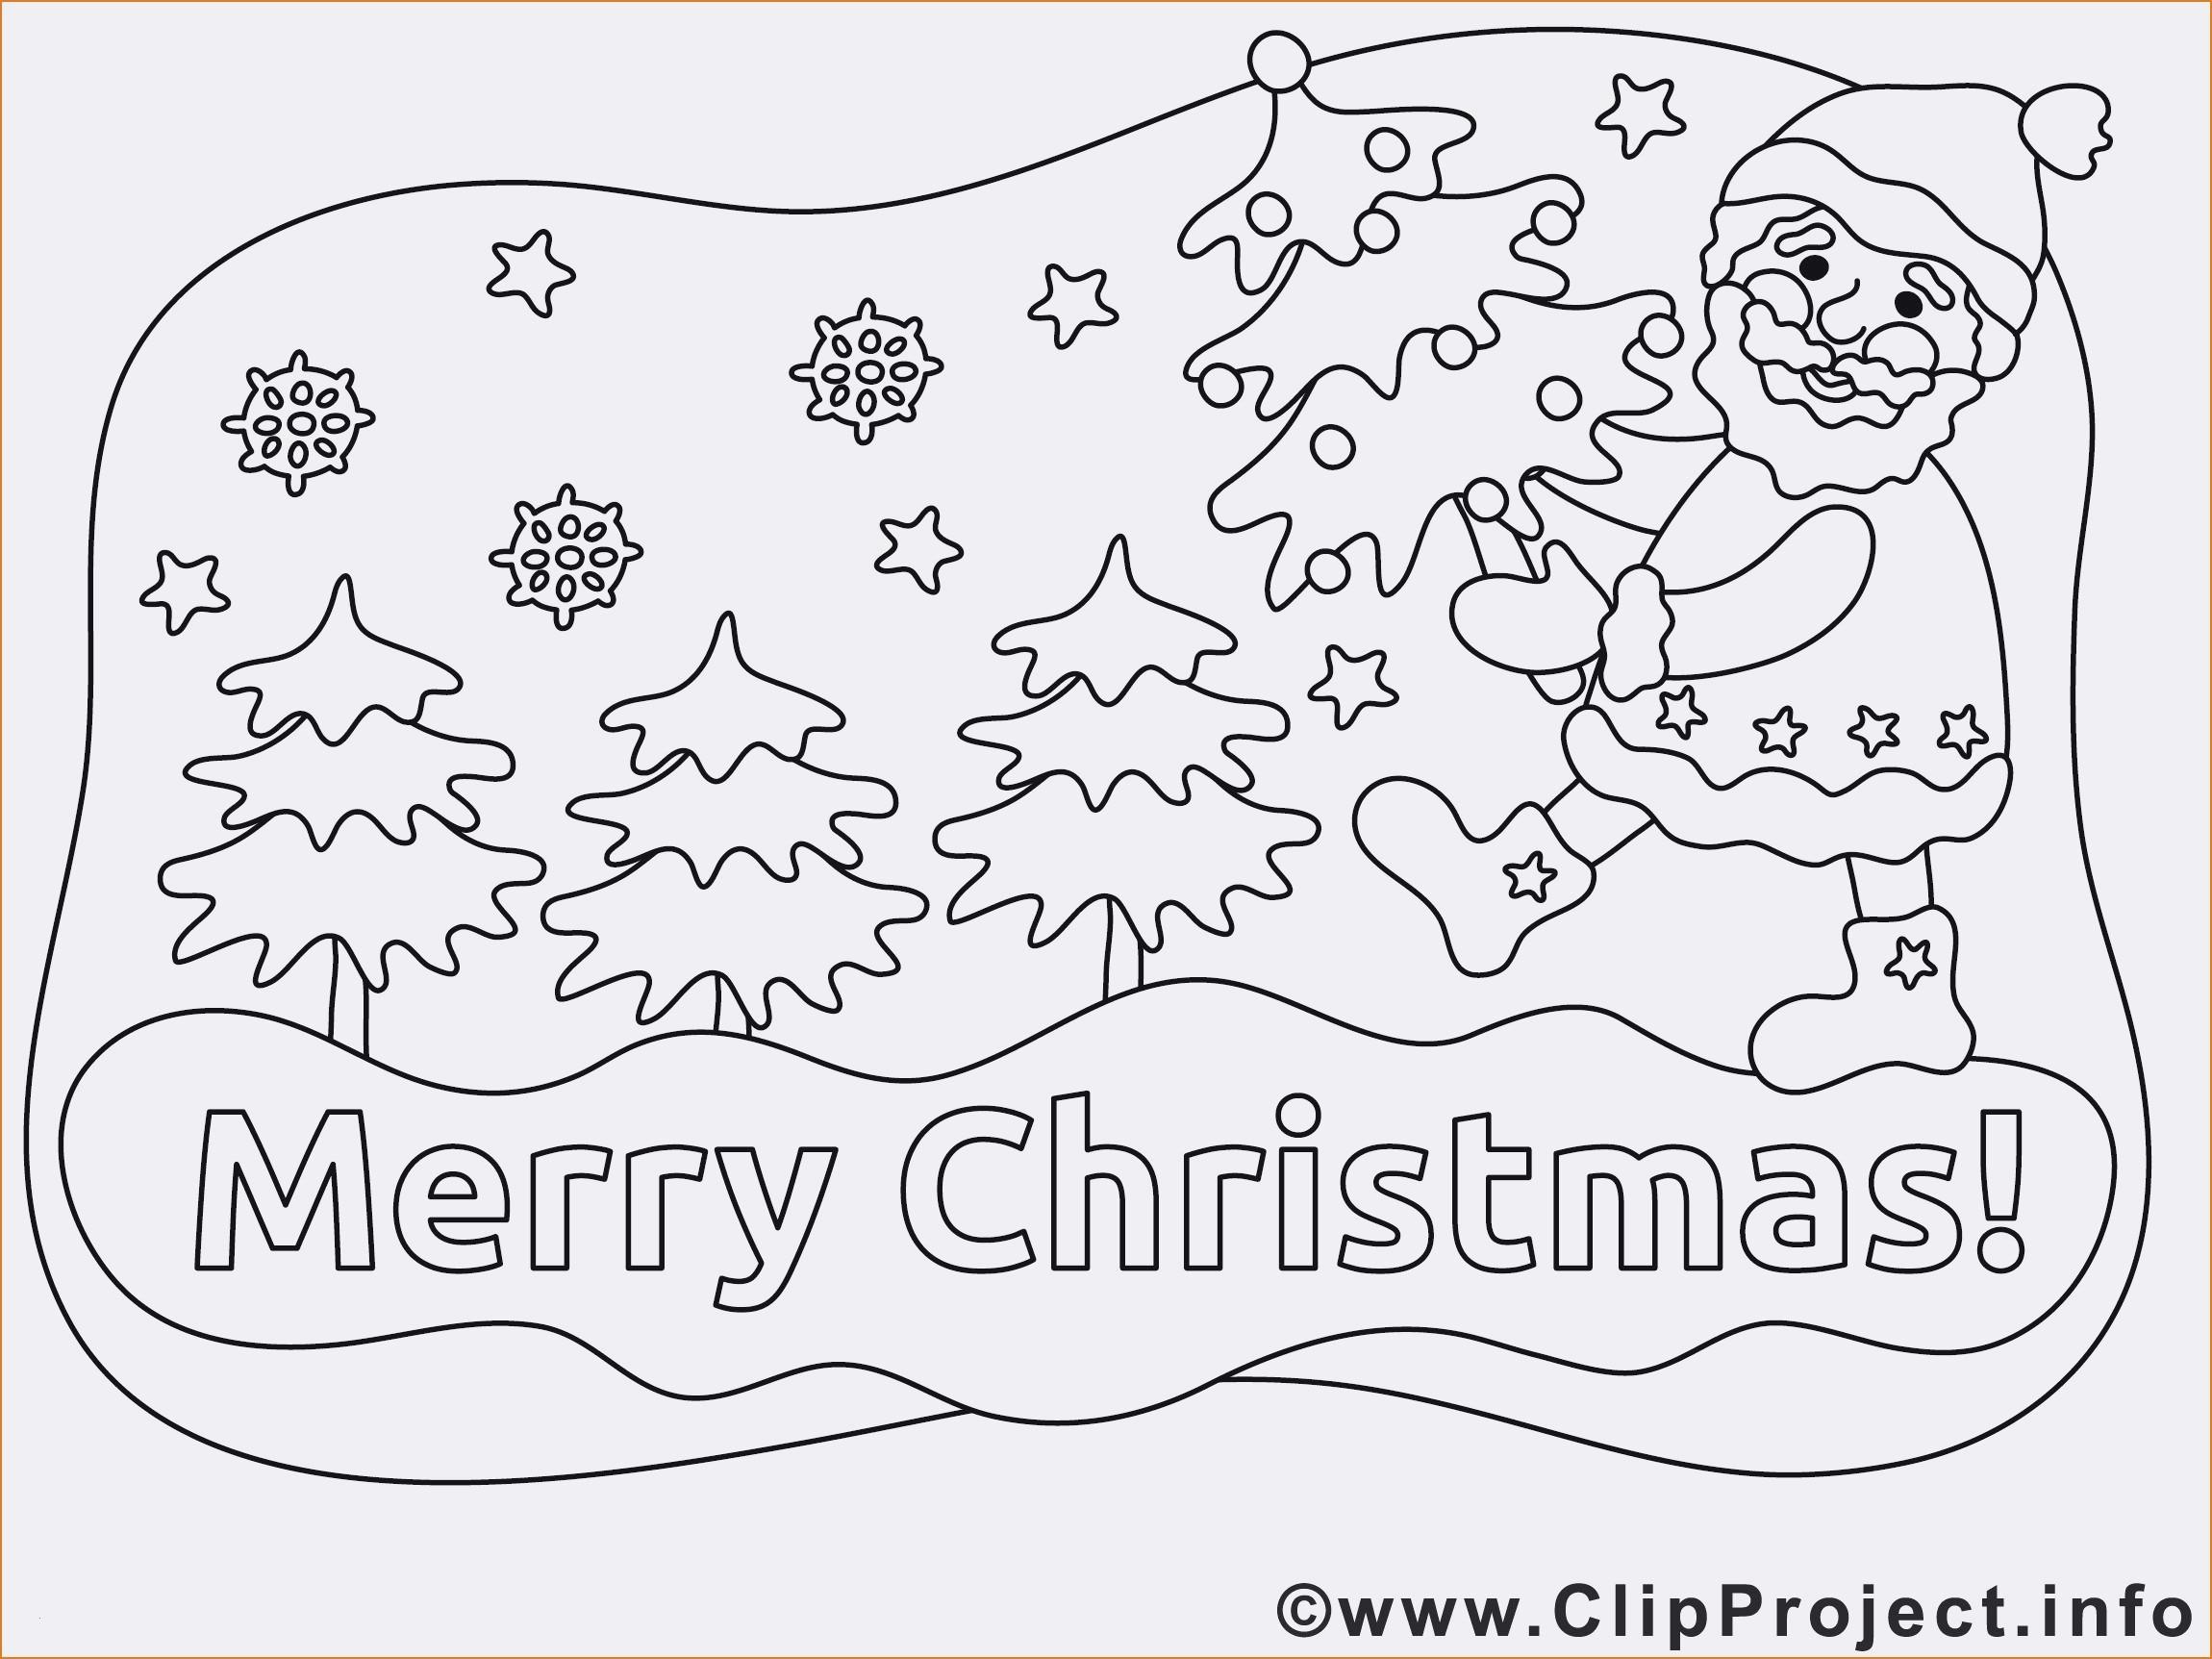 Window Color Malvorlagen Weihnachten Kostenlos Genial Window Color Malvorlagen Weihnachten Kostenlos Eine Sammlung Von Sammlung